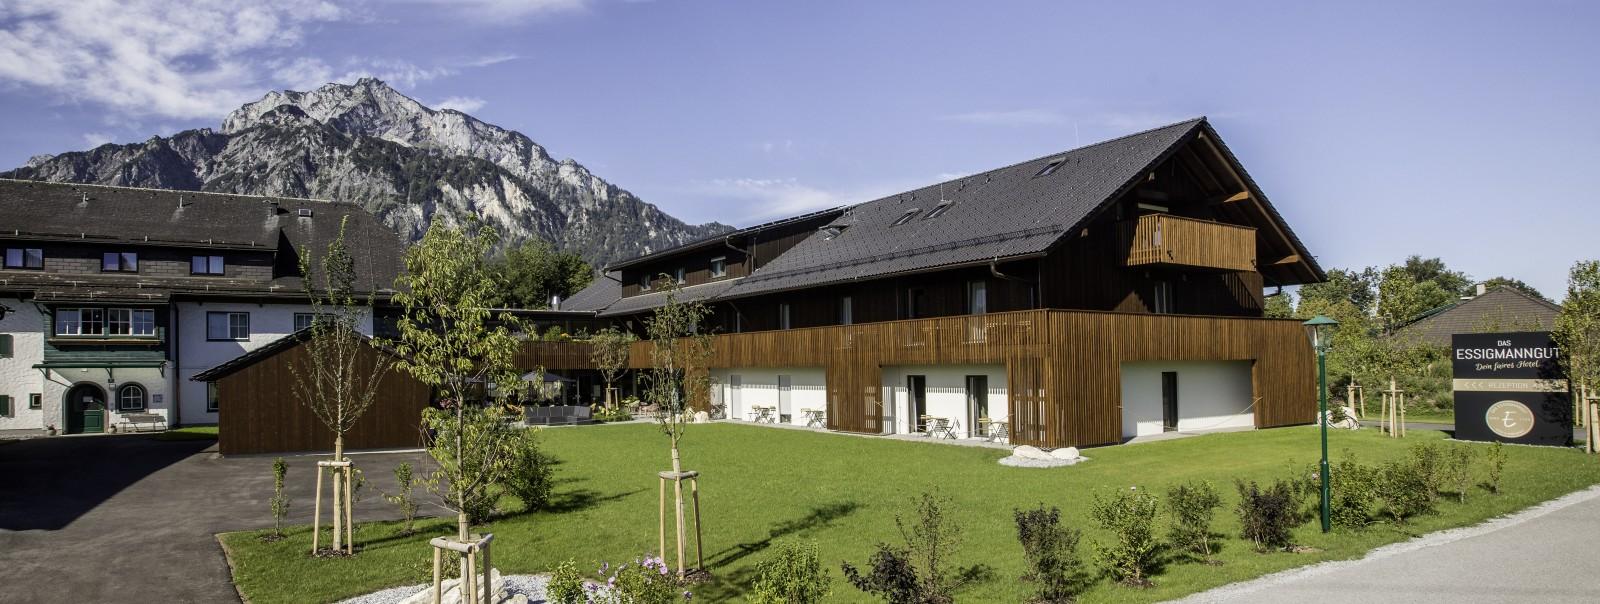 Essigmanngut, accomodation, living, anif, salzburg, hotel, room, Zimmer, feel good, wohlfuehlen